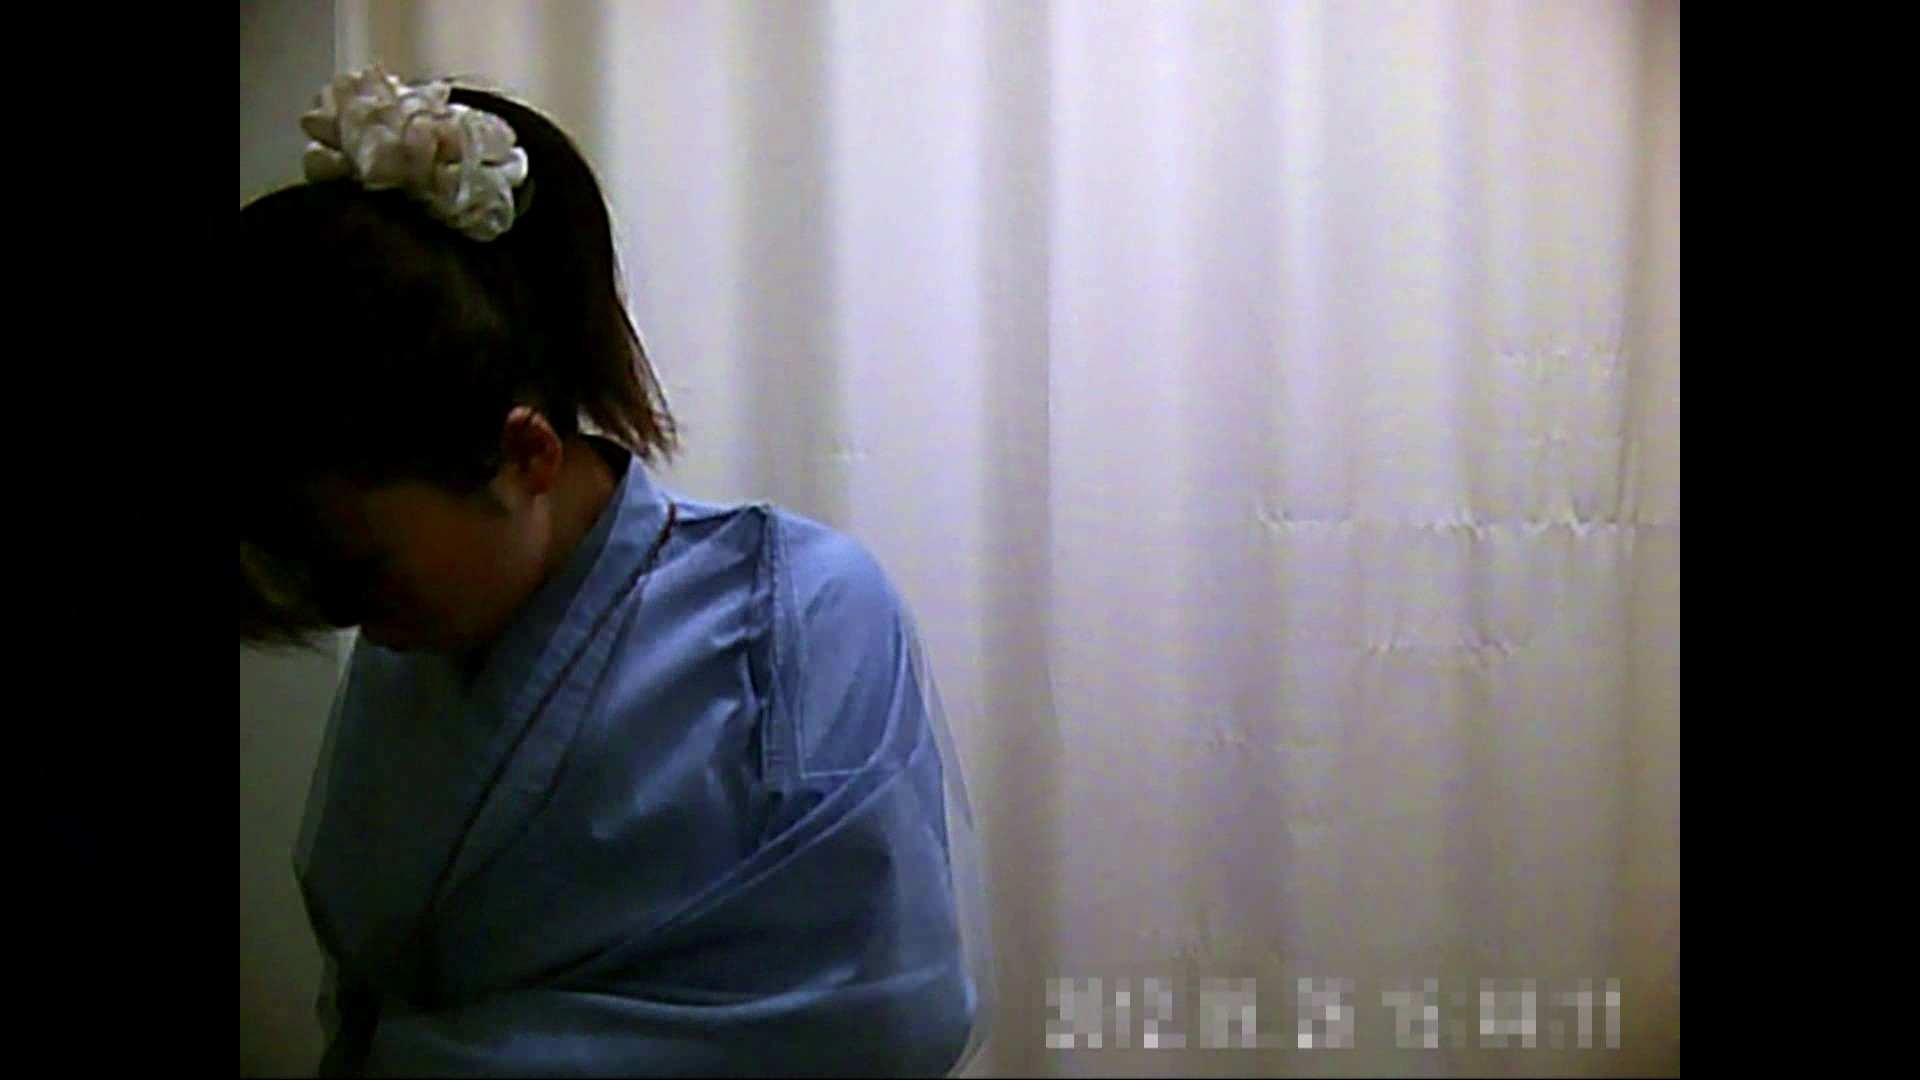 病院おもいっきり着替え! vol.218 貧乳 すけべAV動画紹介 85画像 55